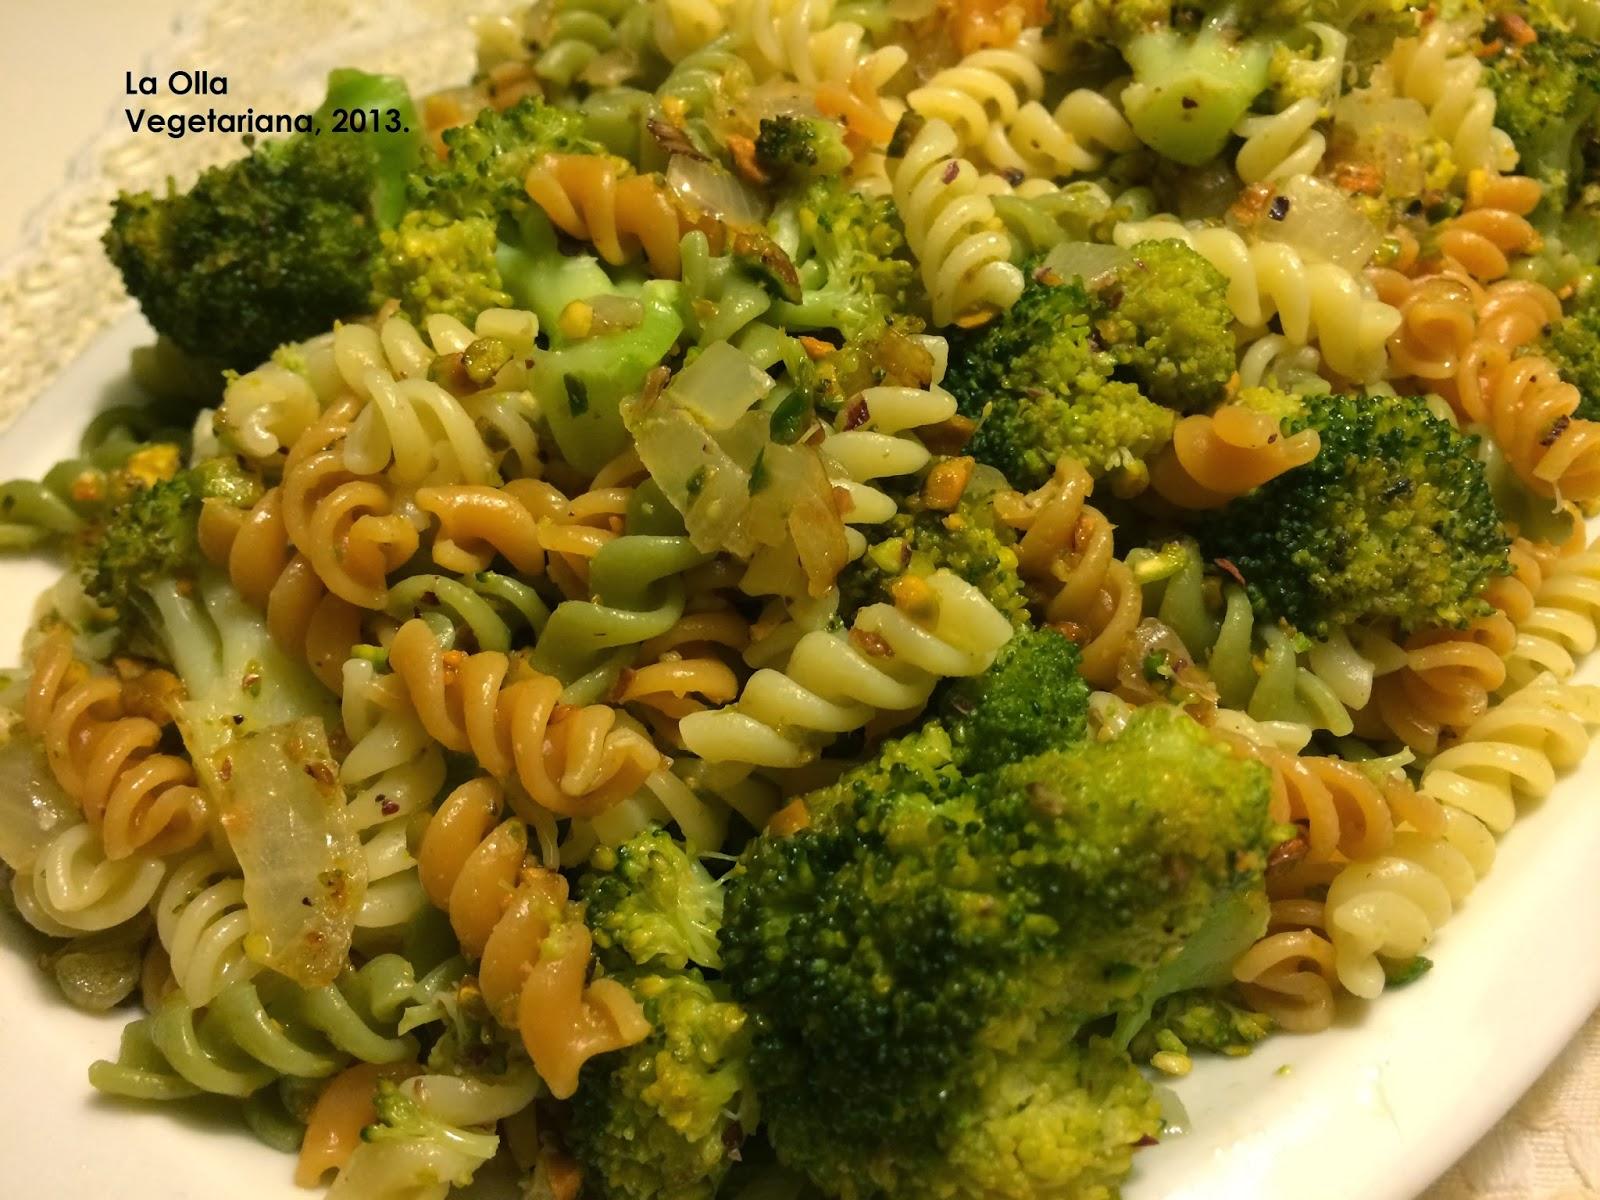 La olla vegetariana pasta con br coli y pistachos - Platos de pasta sencillos ...